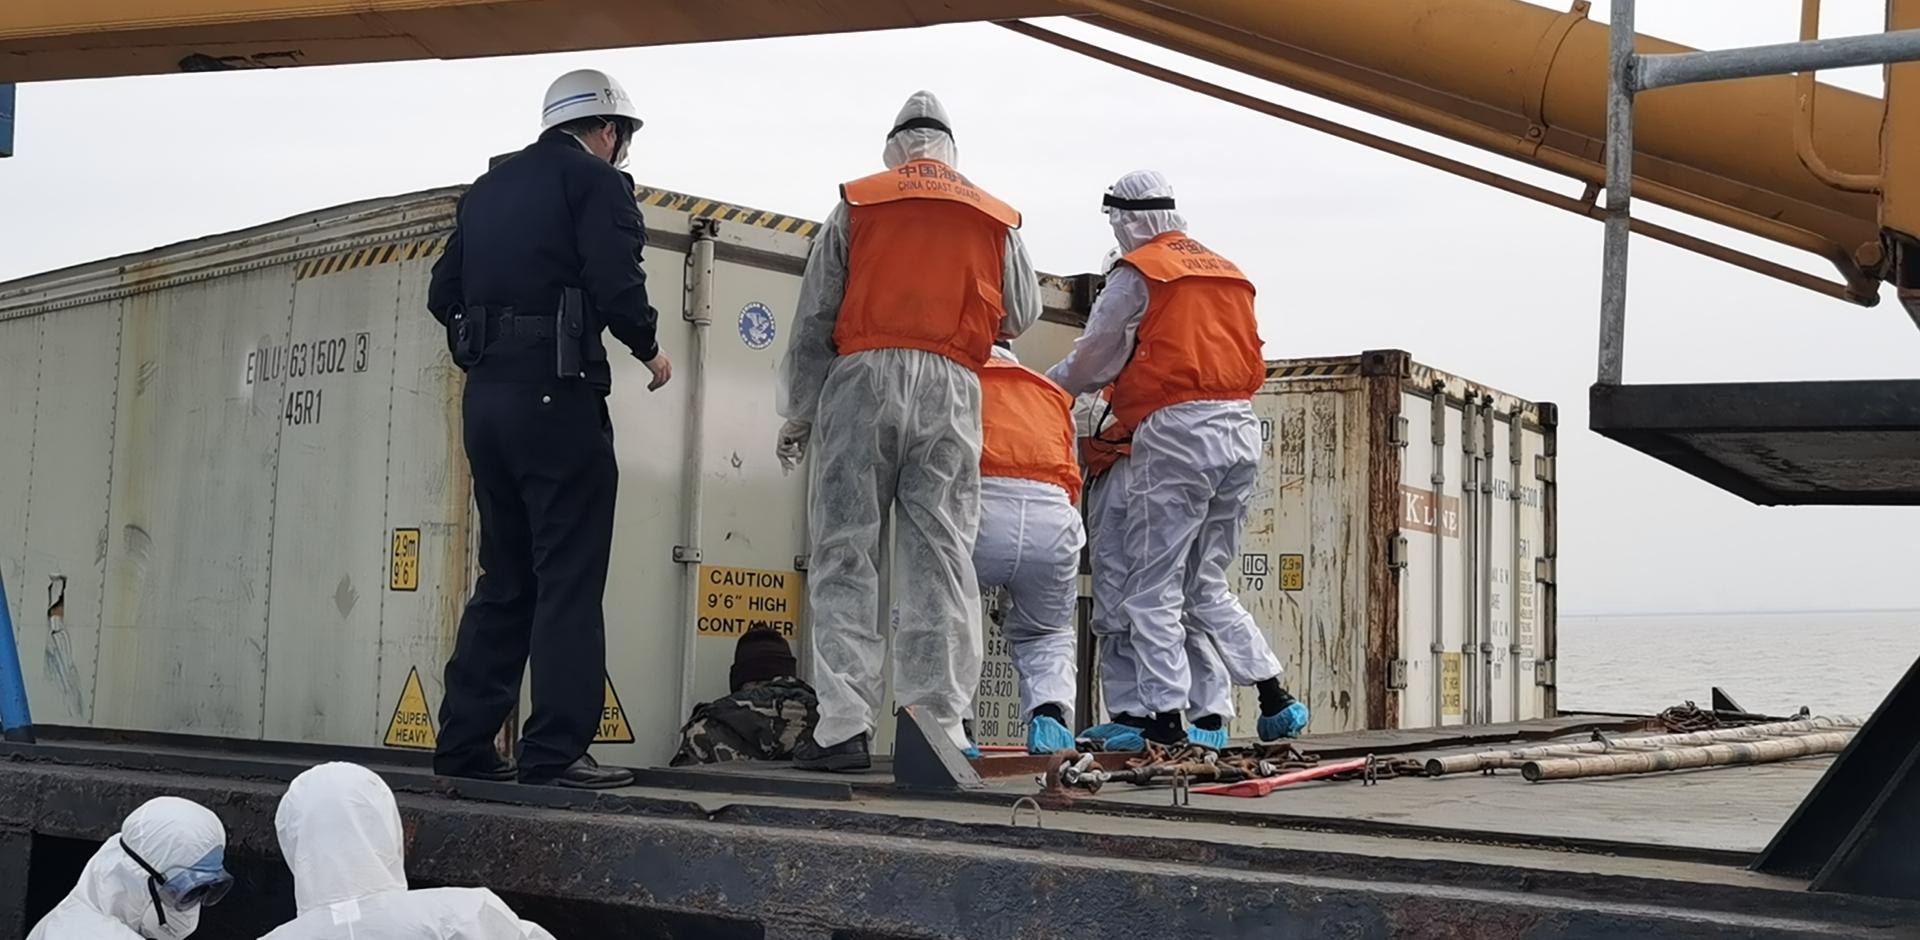 图二:海警人员开箱进行检查.jpg